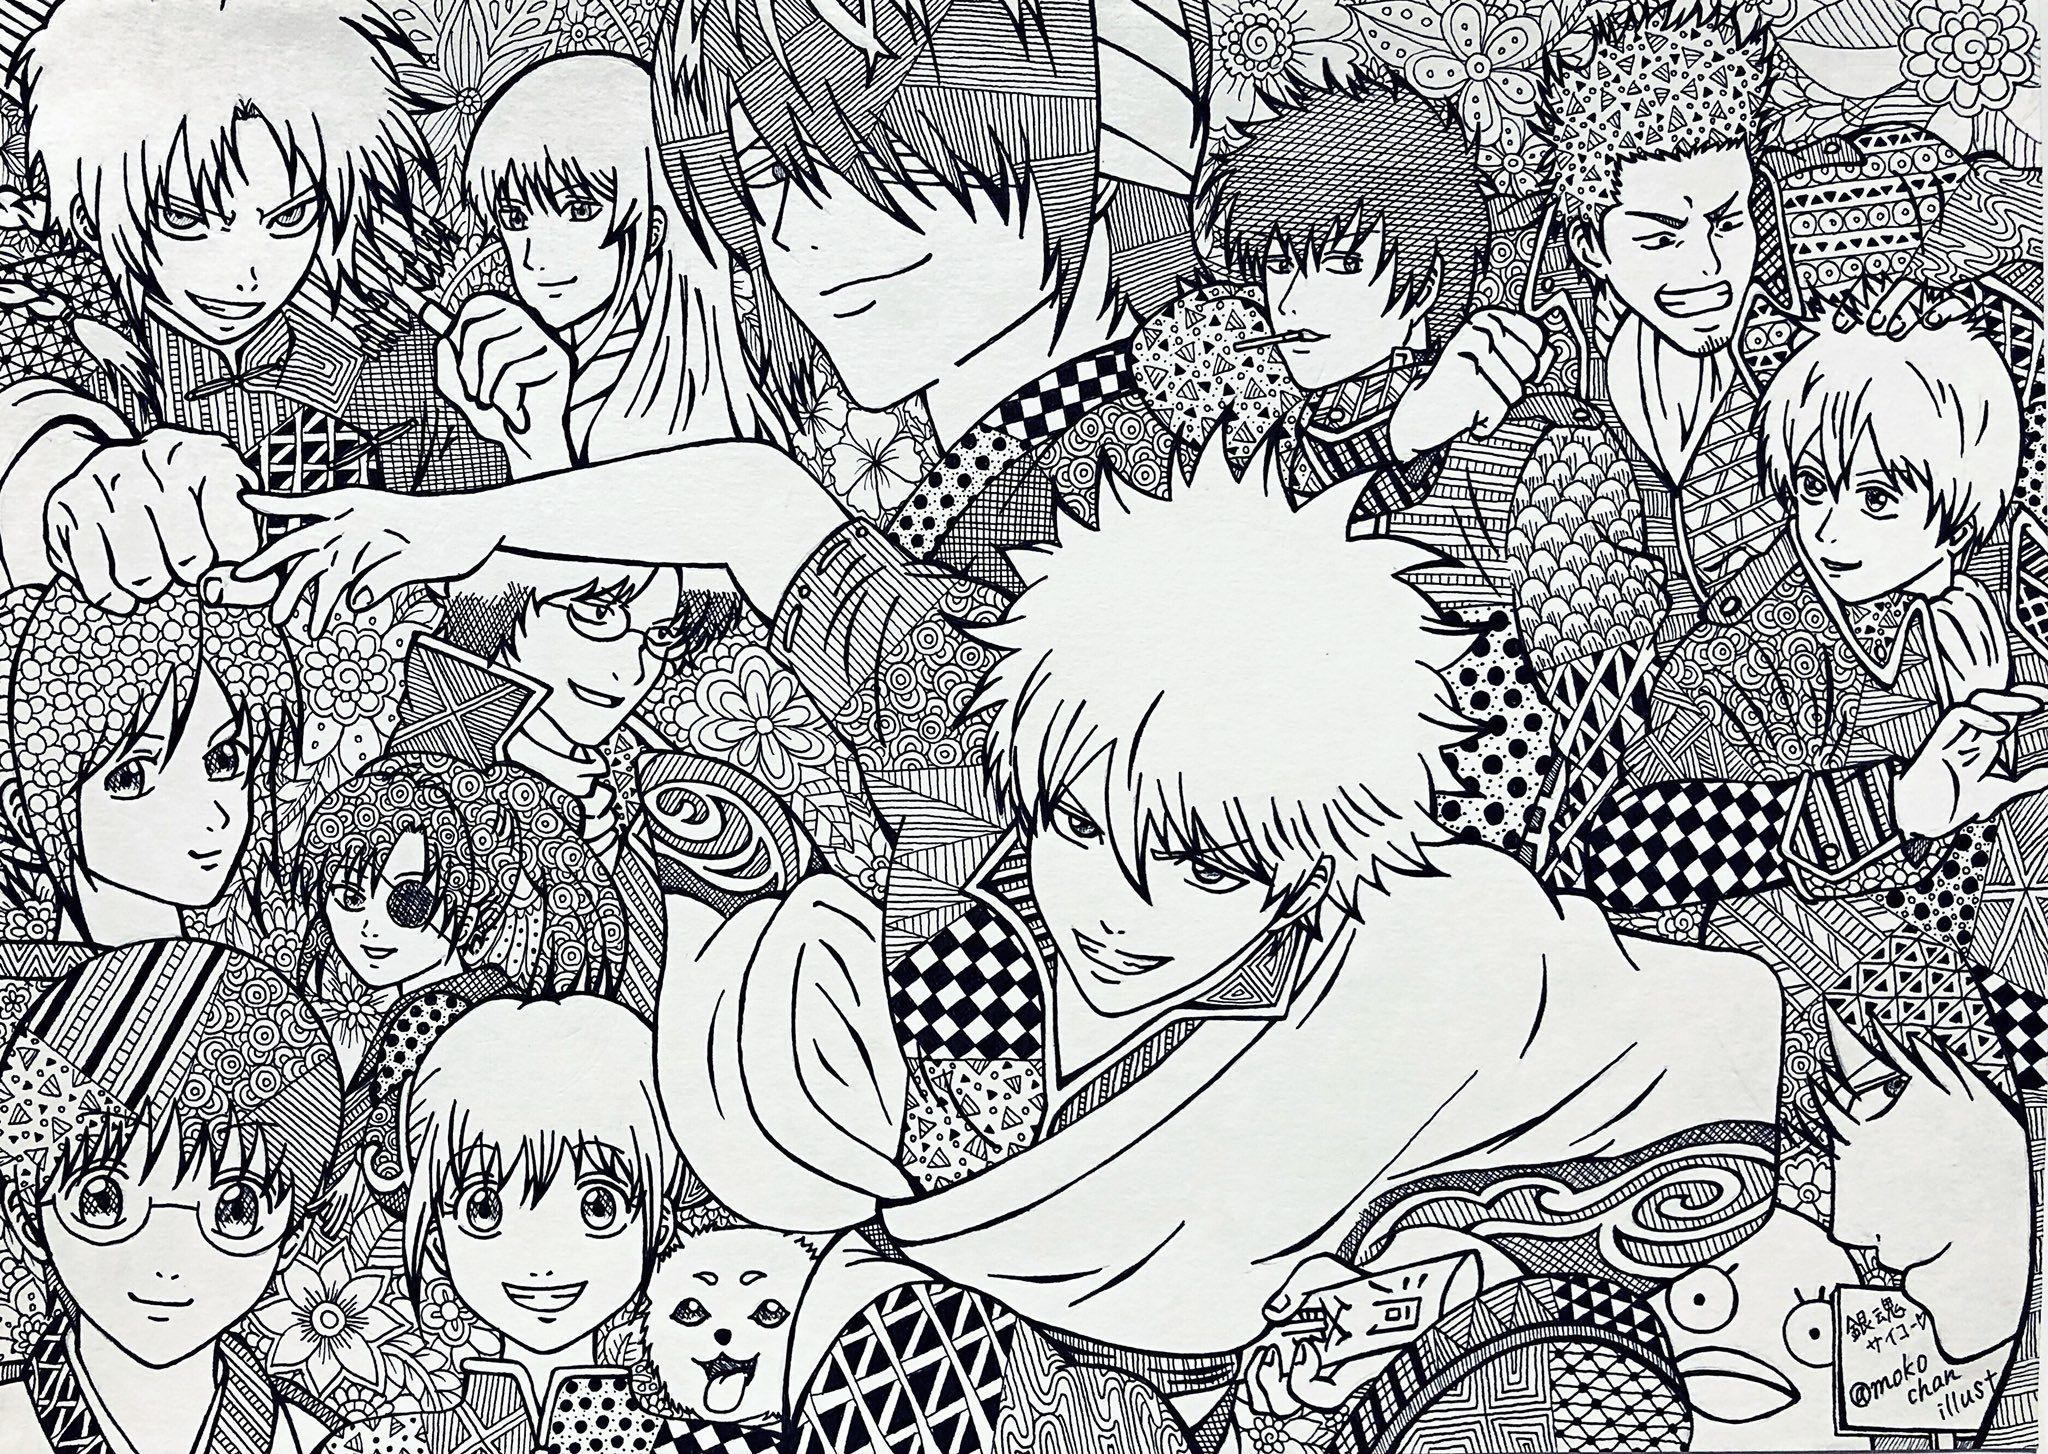 「Gintama」おしゃれまとめの人気アイデア|Pinterest|Ana Hal 銀魂, 銀魂 2, 銀